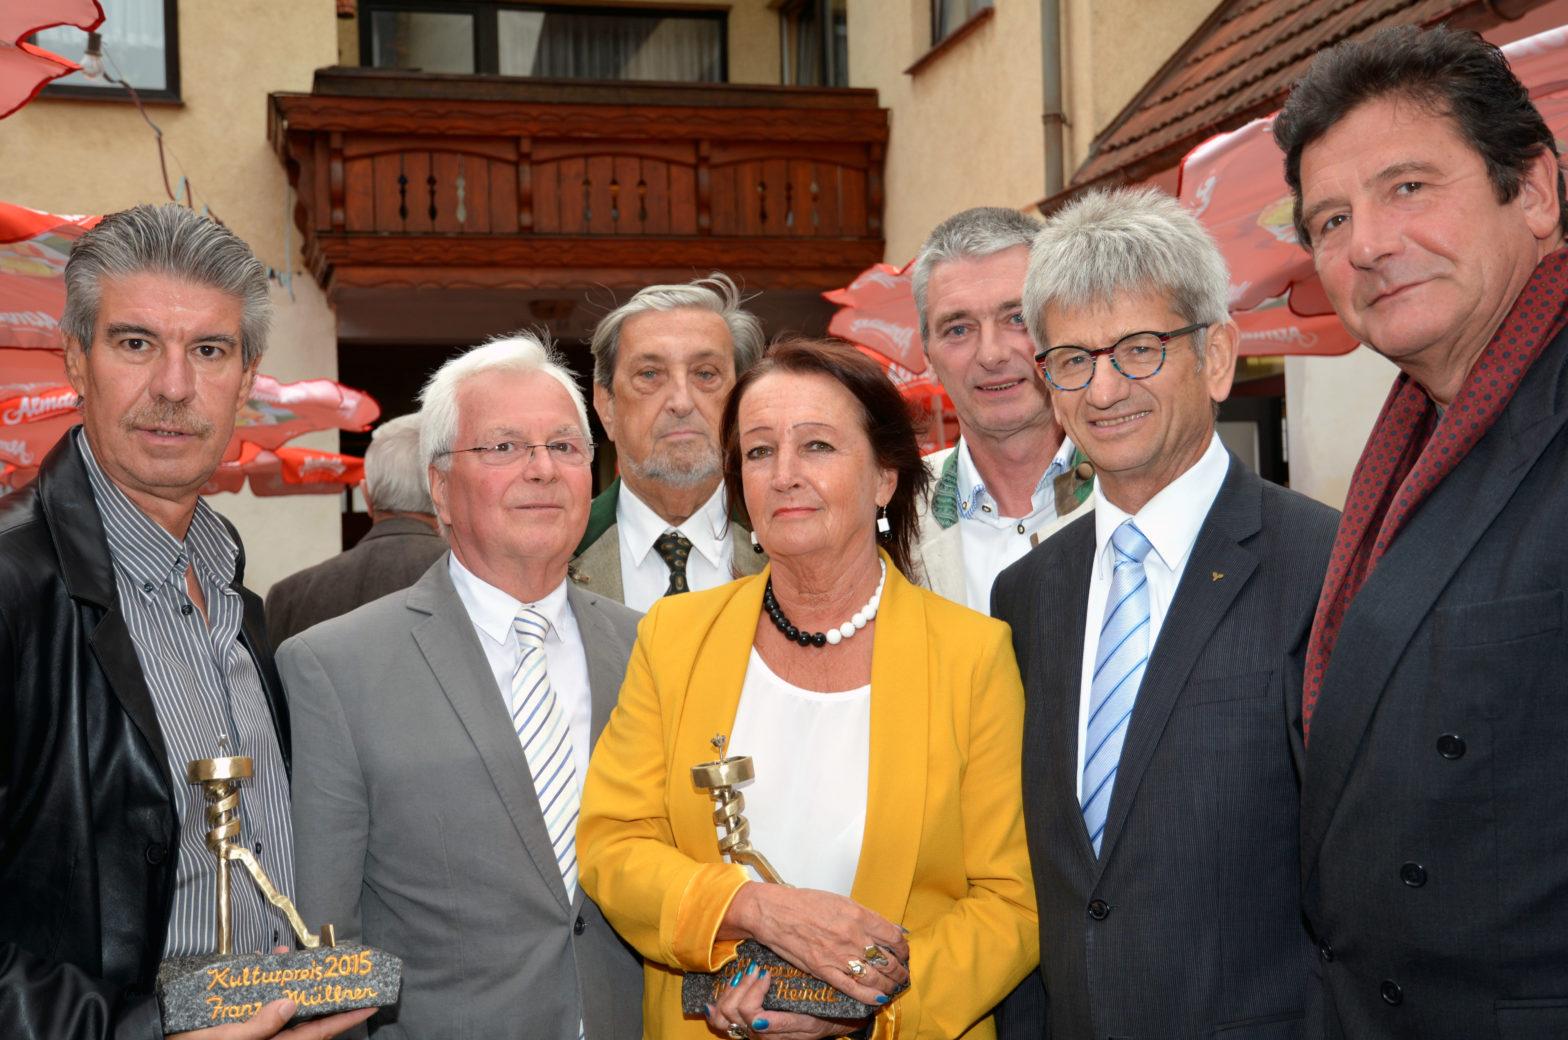 Der Tullnerfelder Kulturverein feierte sein 20 jähriges Jubiläum in Königstetten.